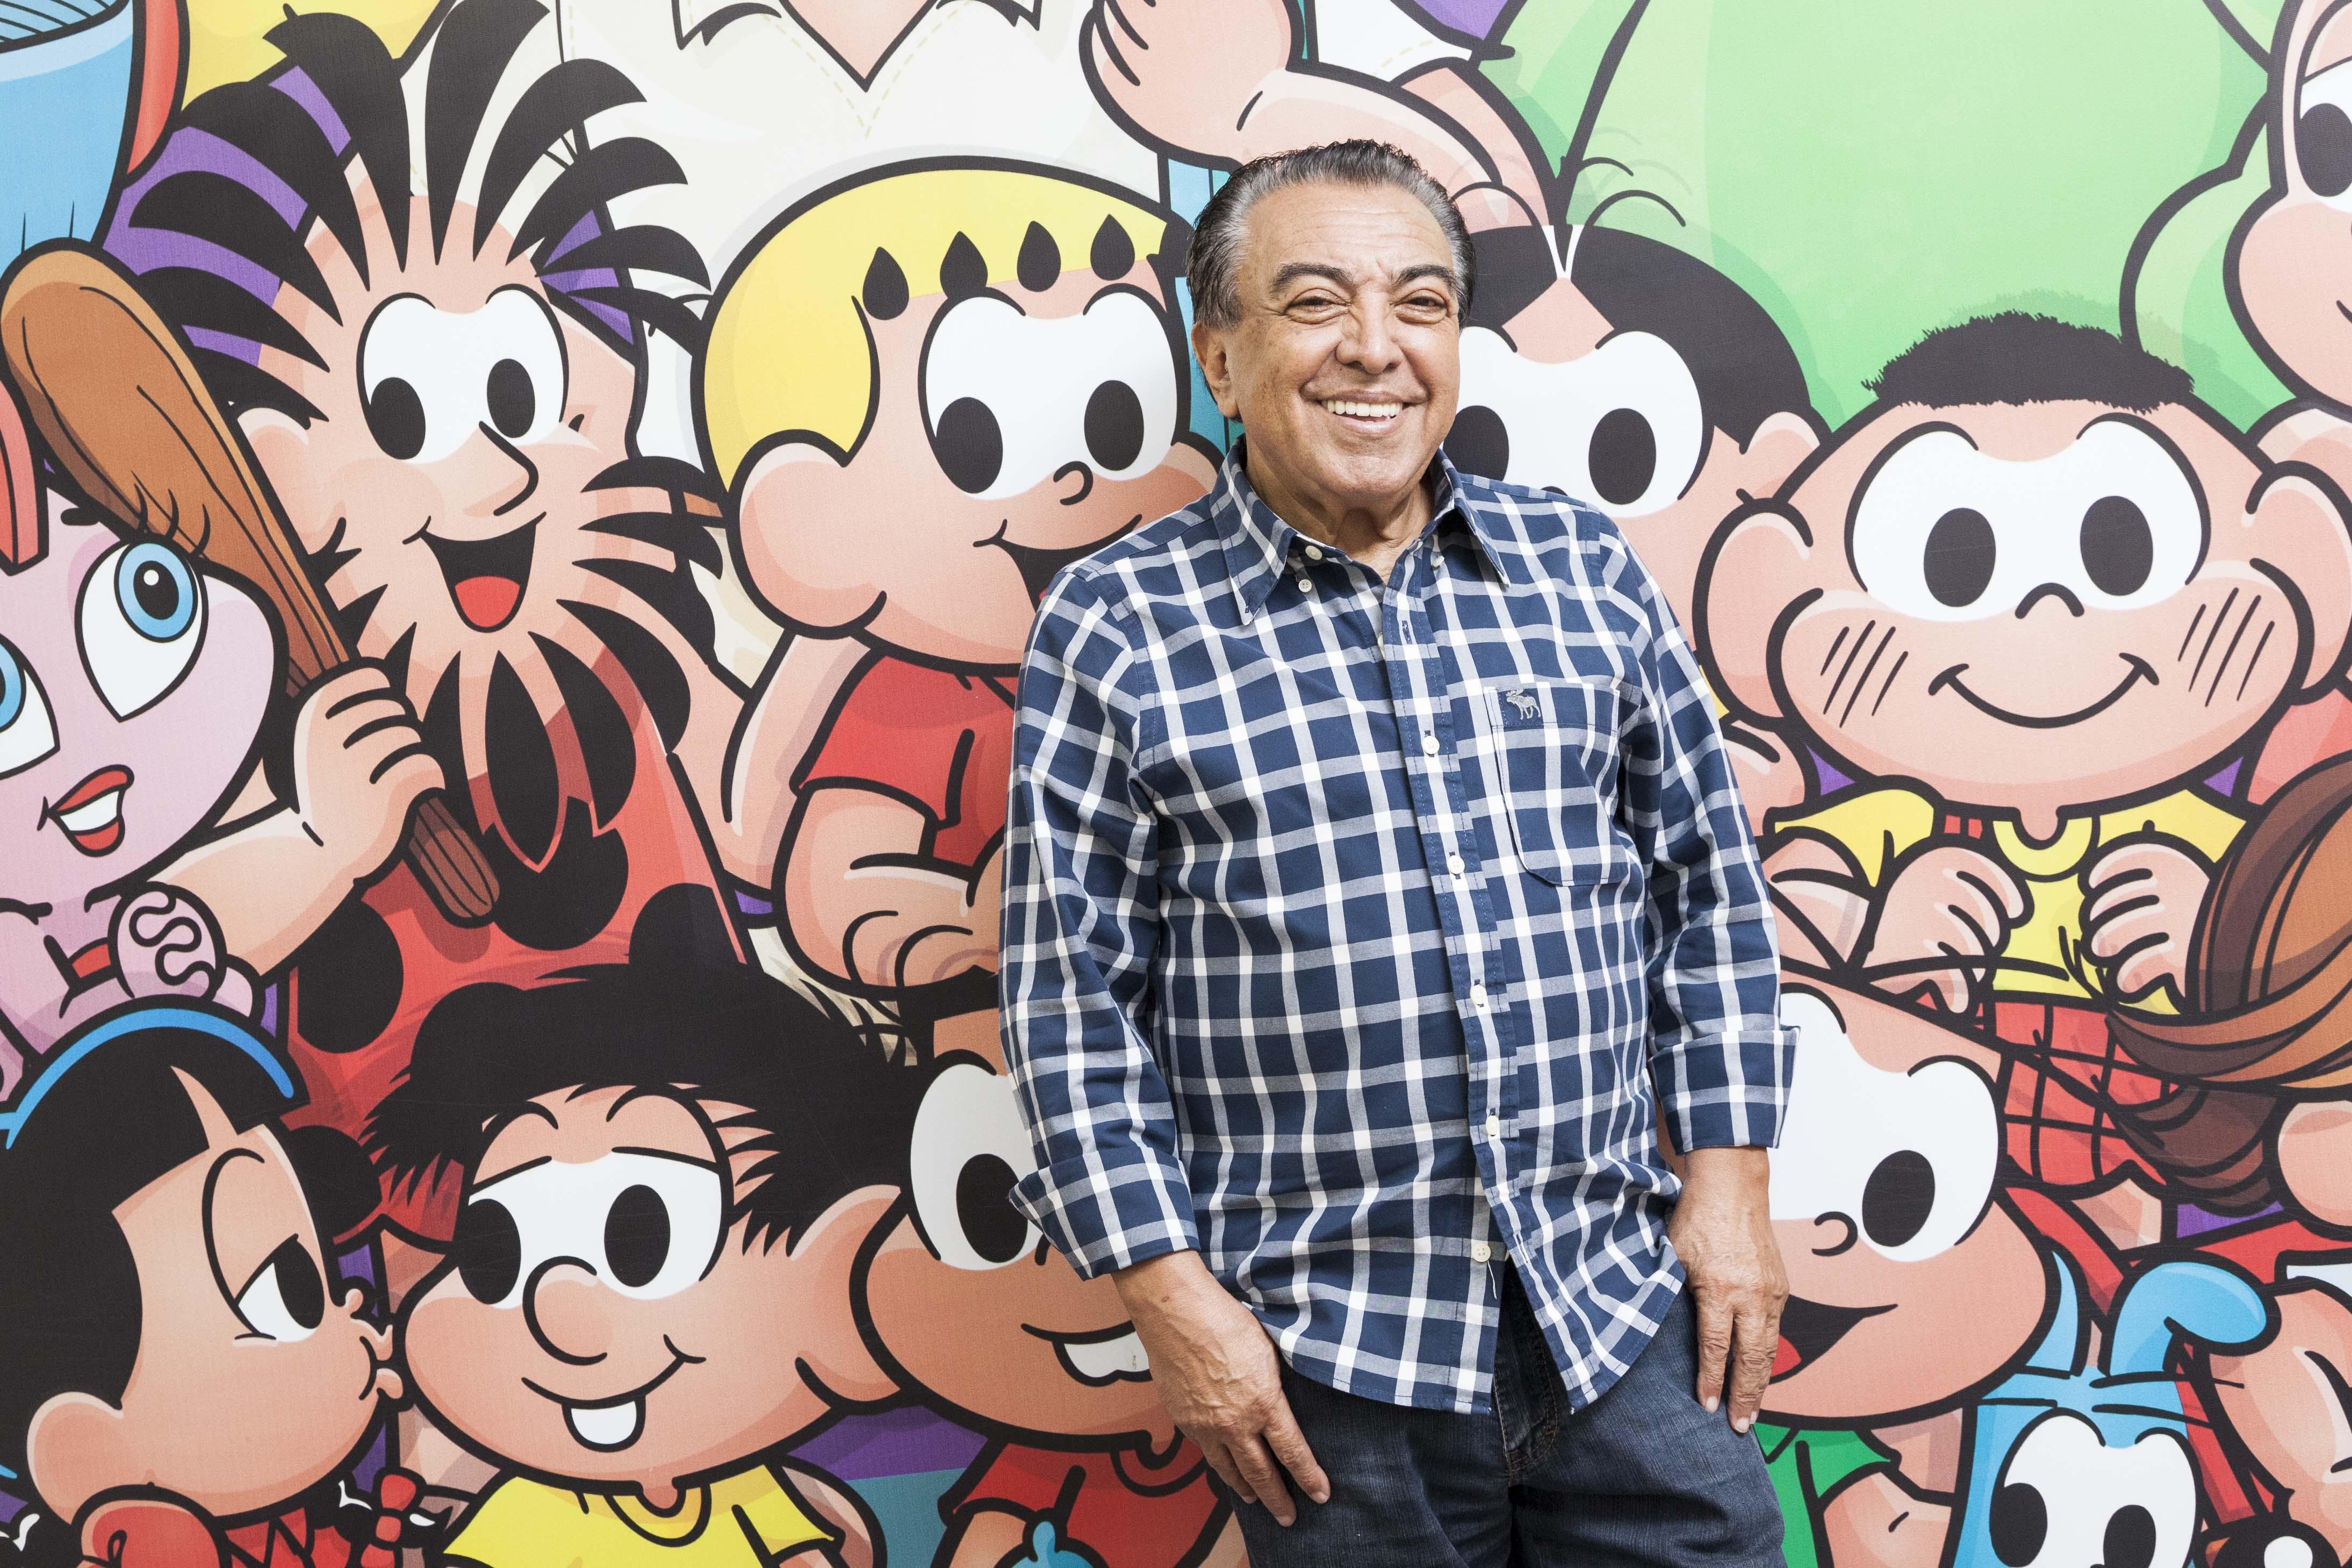 Mauricio de Sousa Monica 50 anos